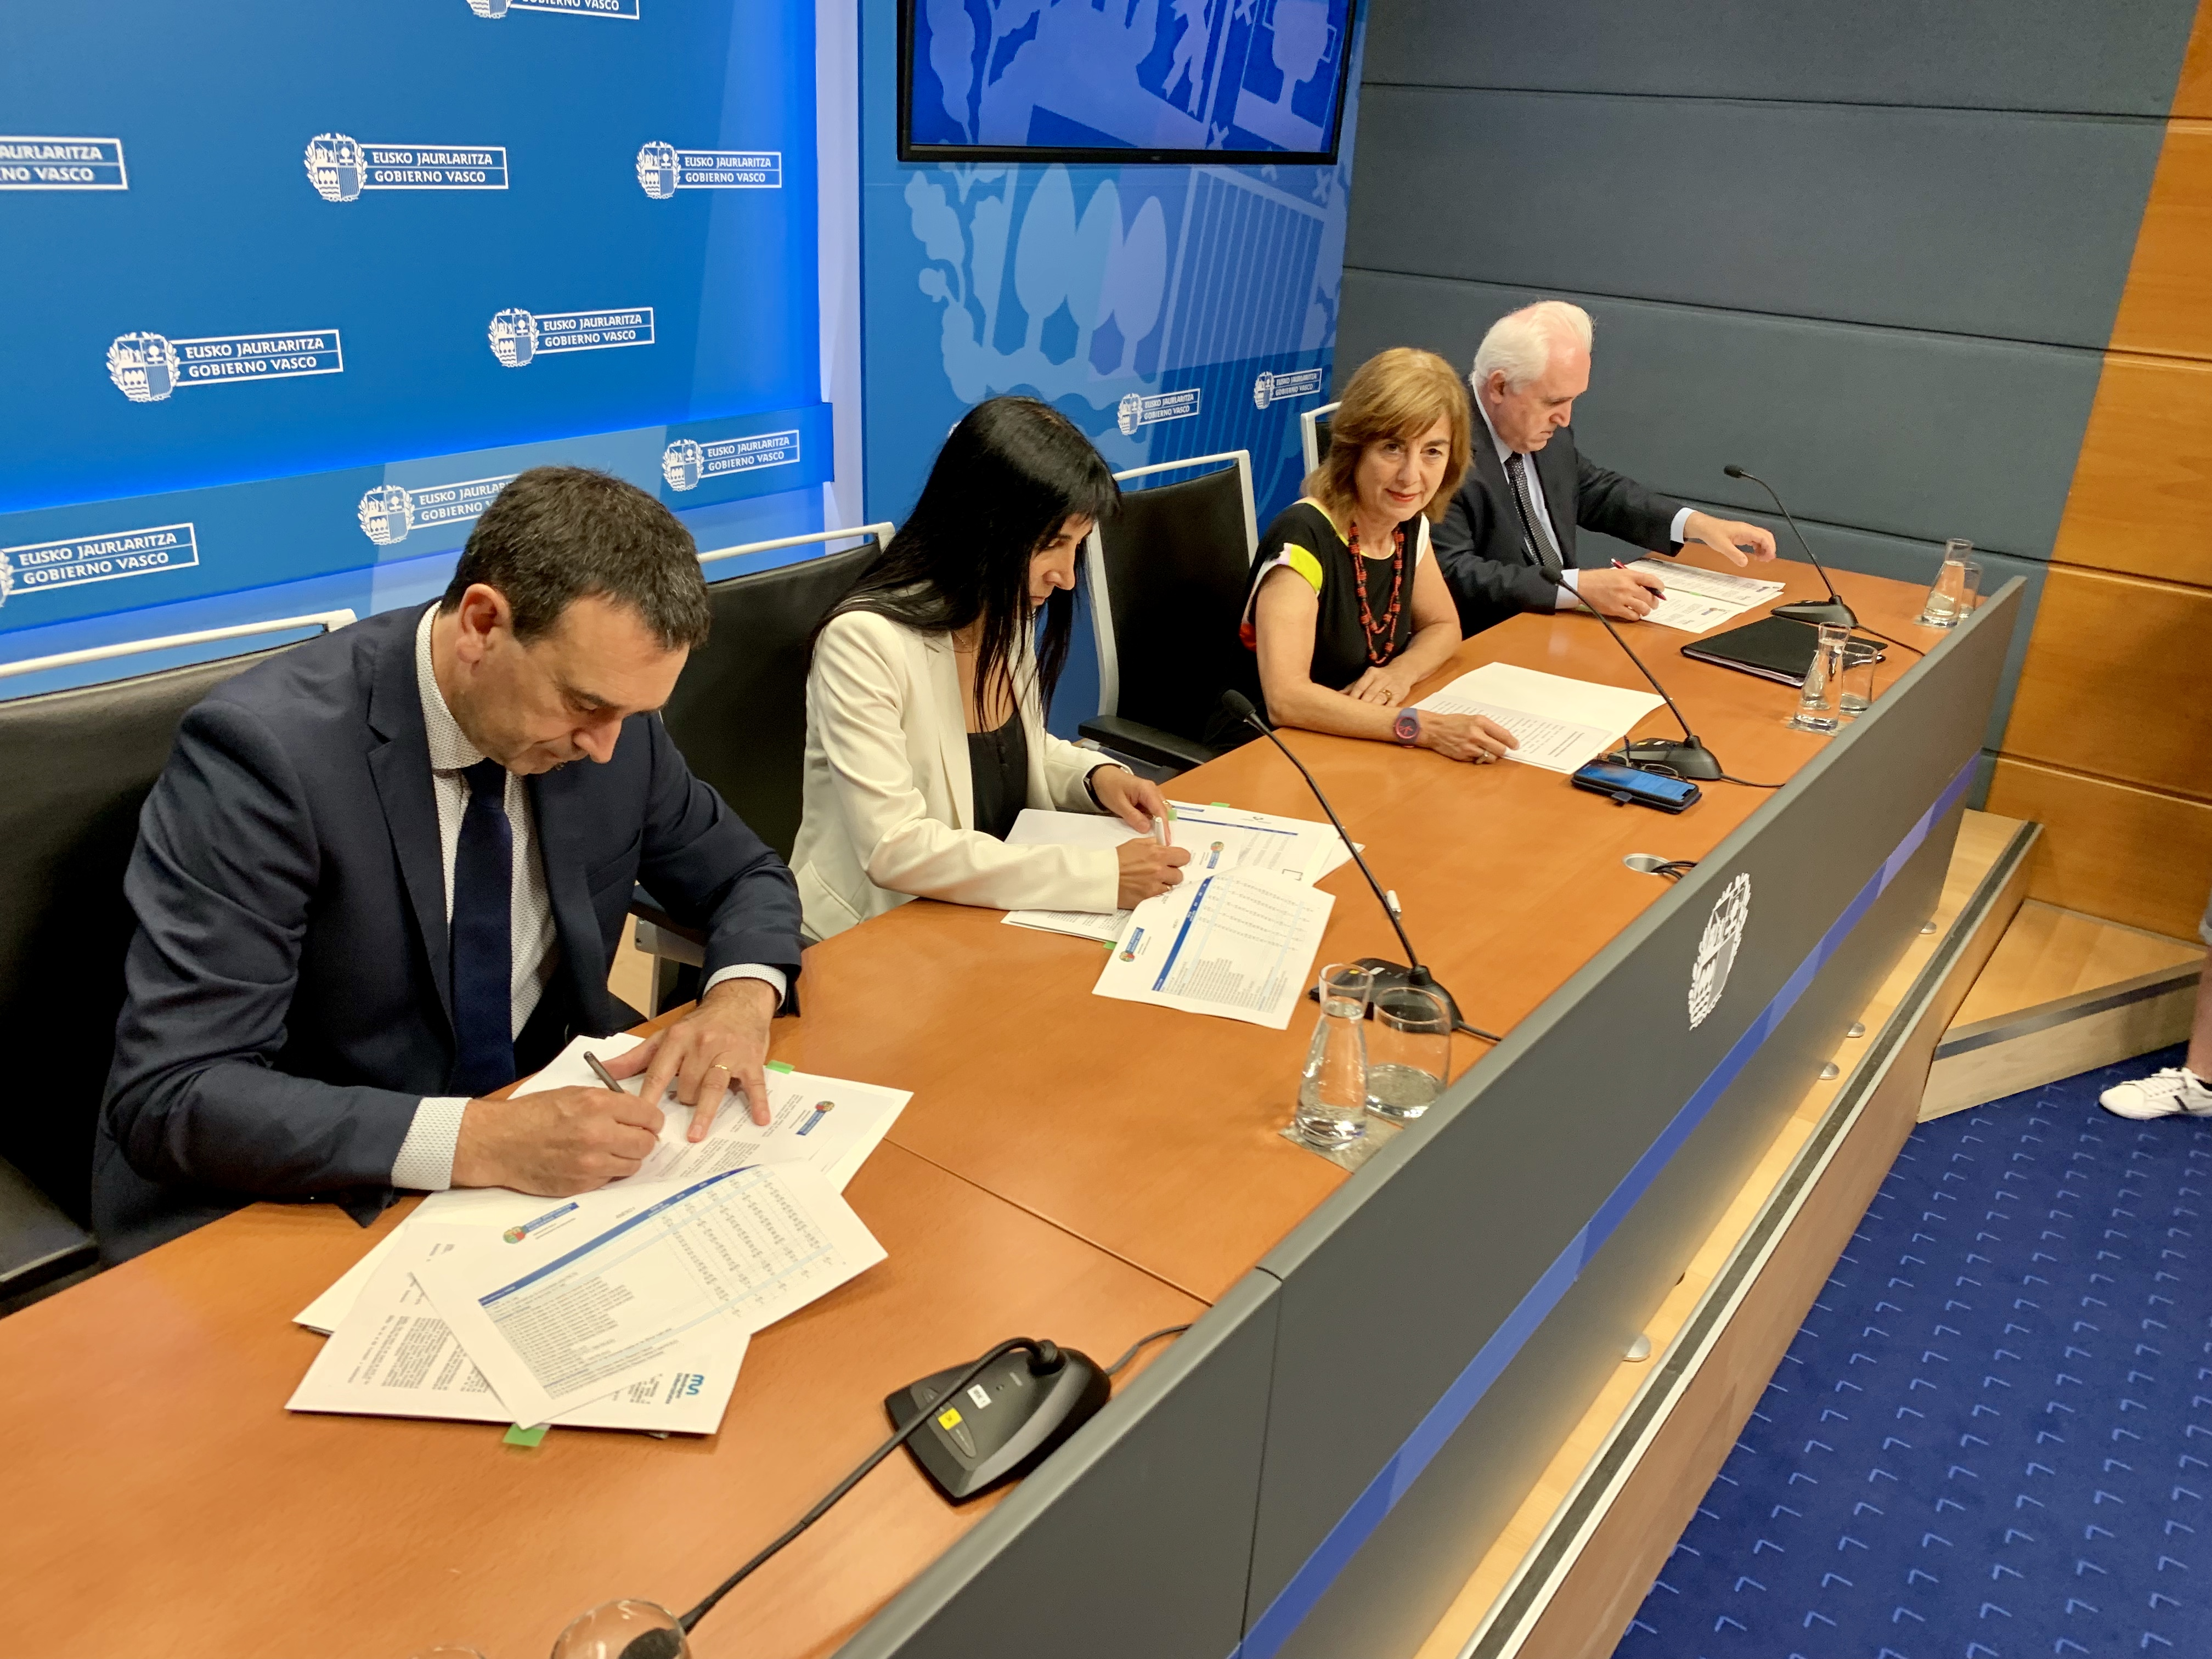 La consejera Uriarte firma los Contratos-Programa con las universidades del Sistema Universitario Vasco